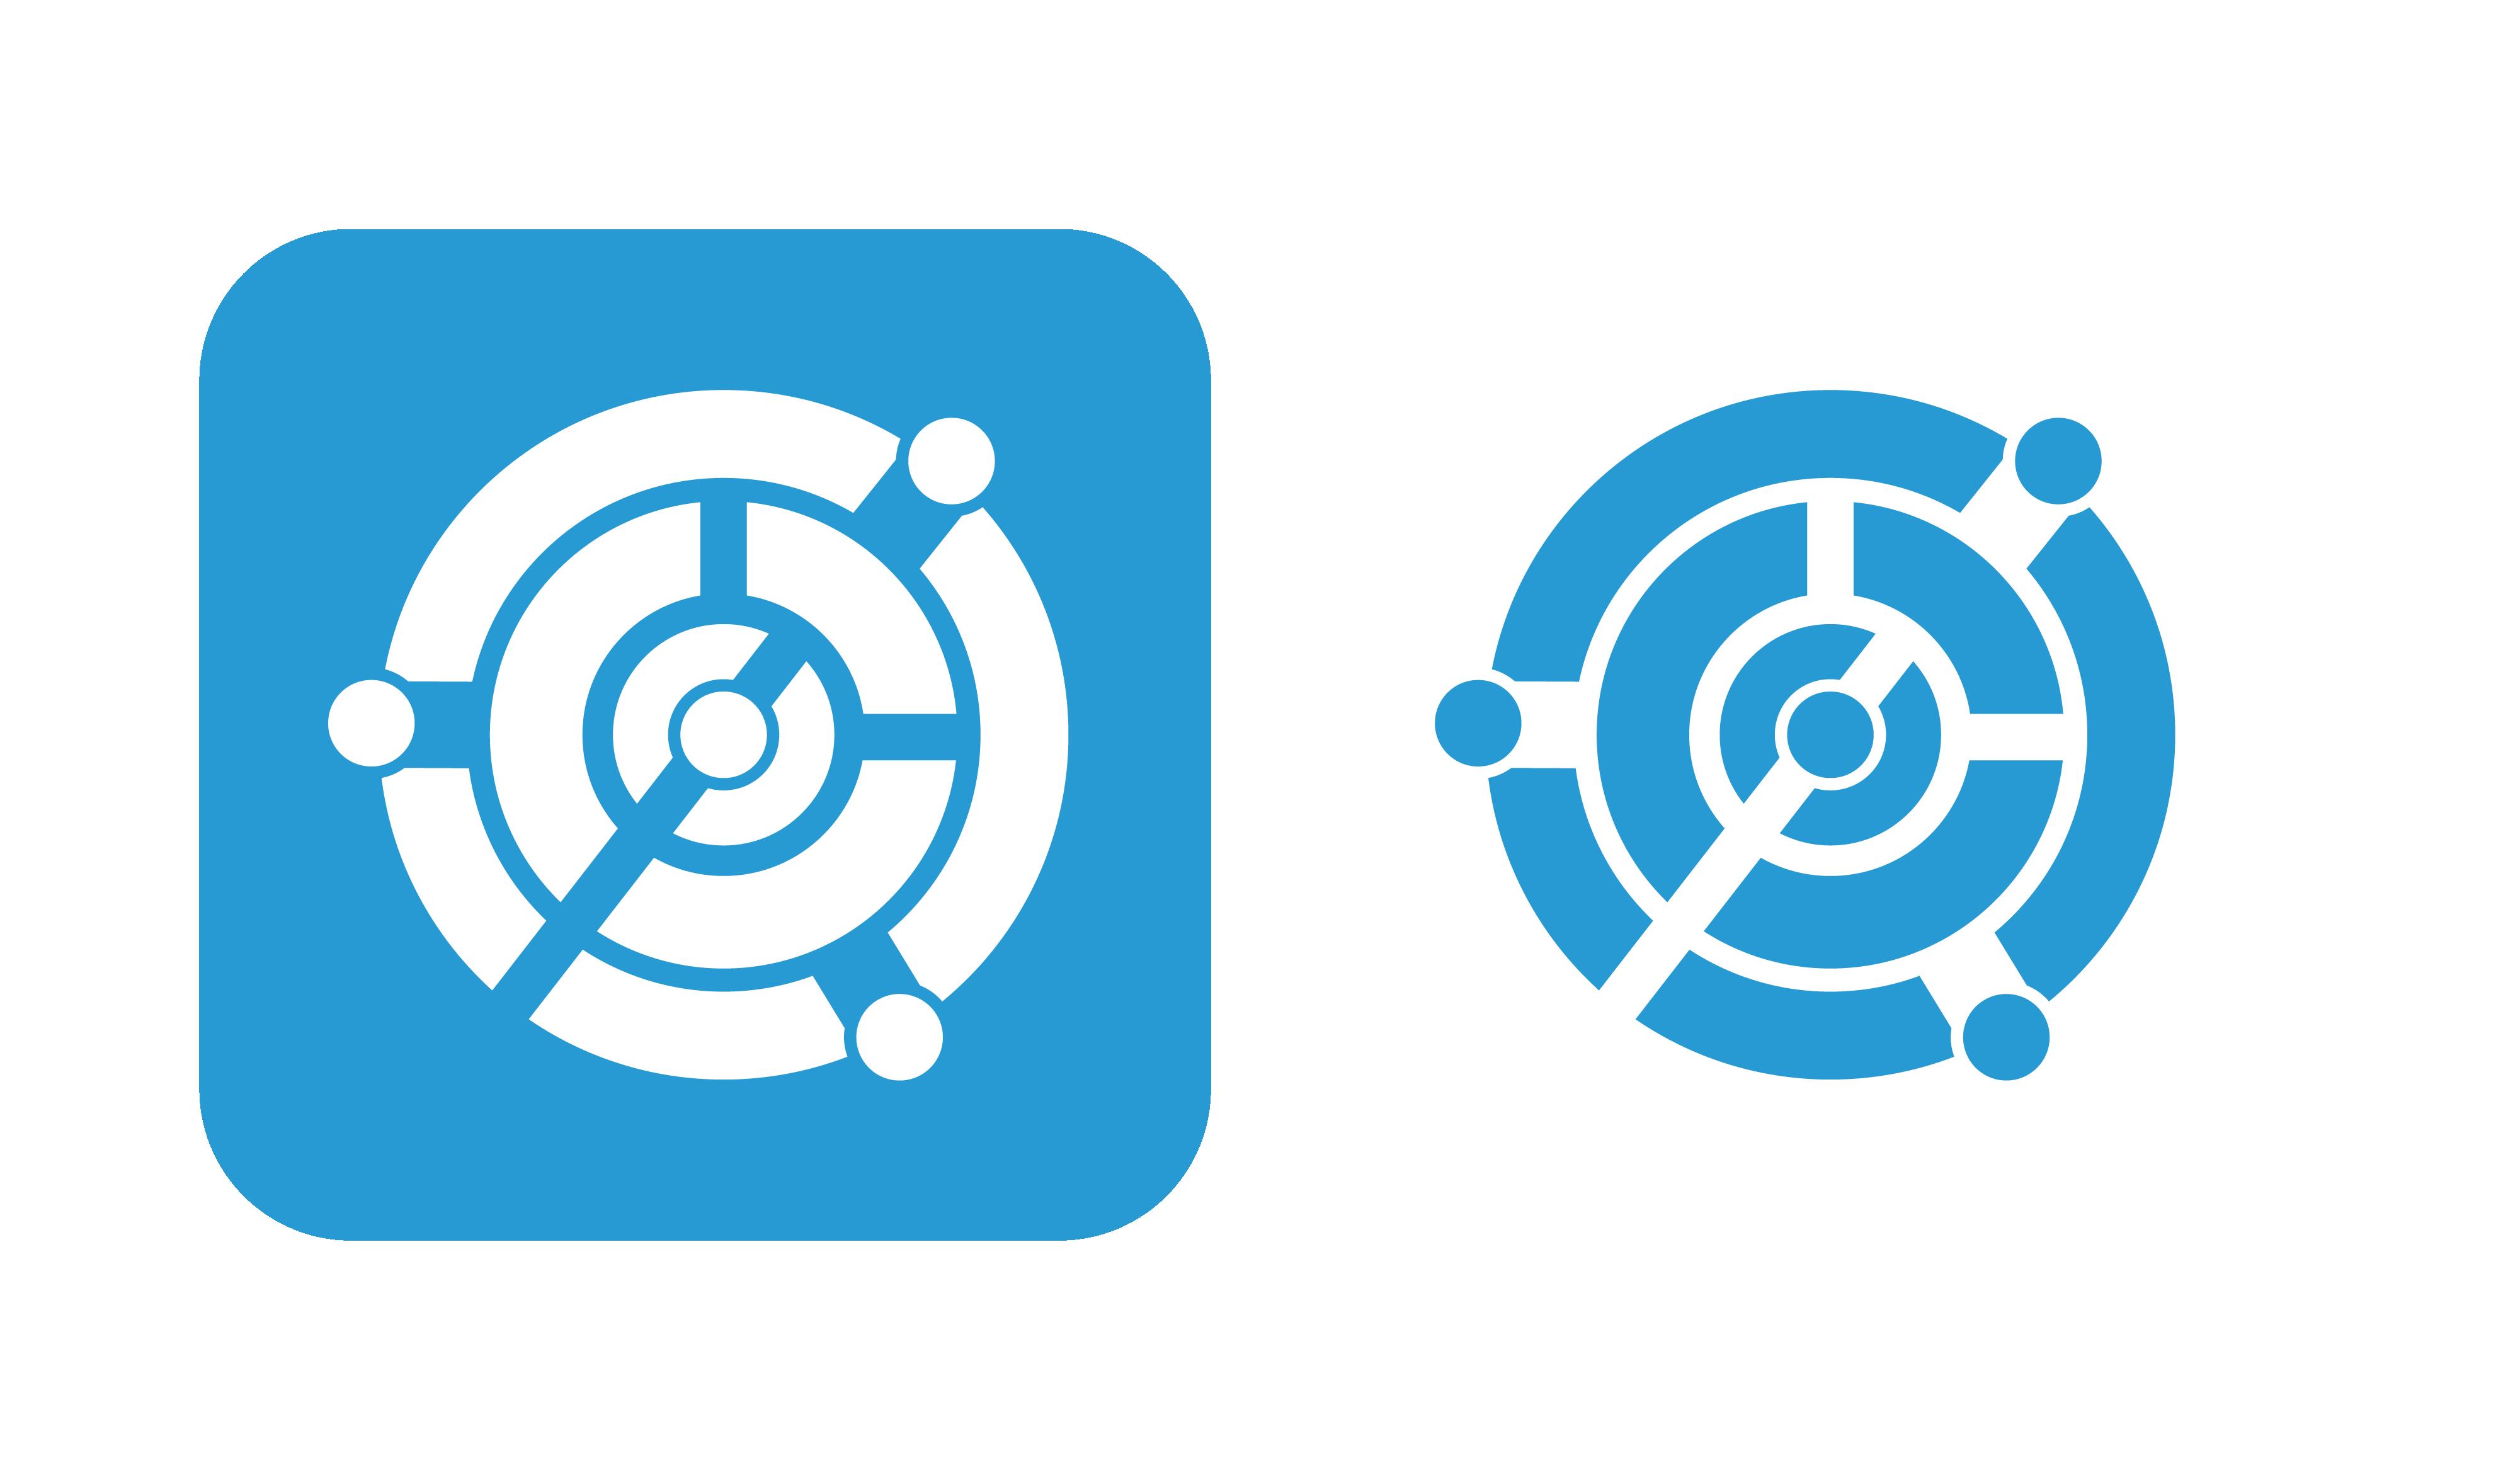 Логотип / иконка сервиса управления проектами / задачами фото f_4655975943907e3b.png